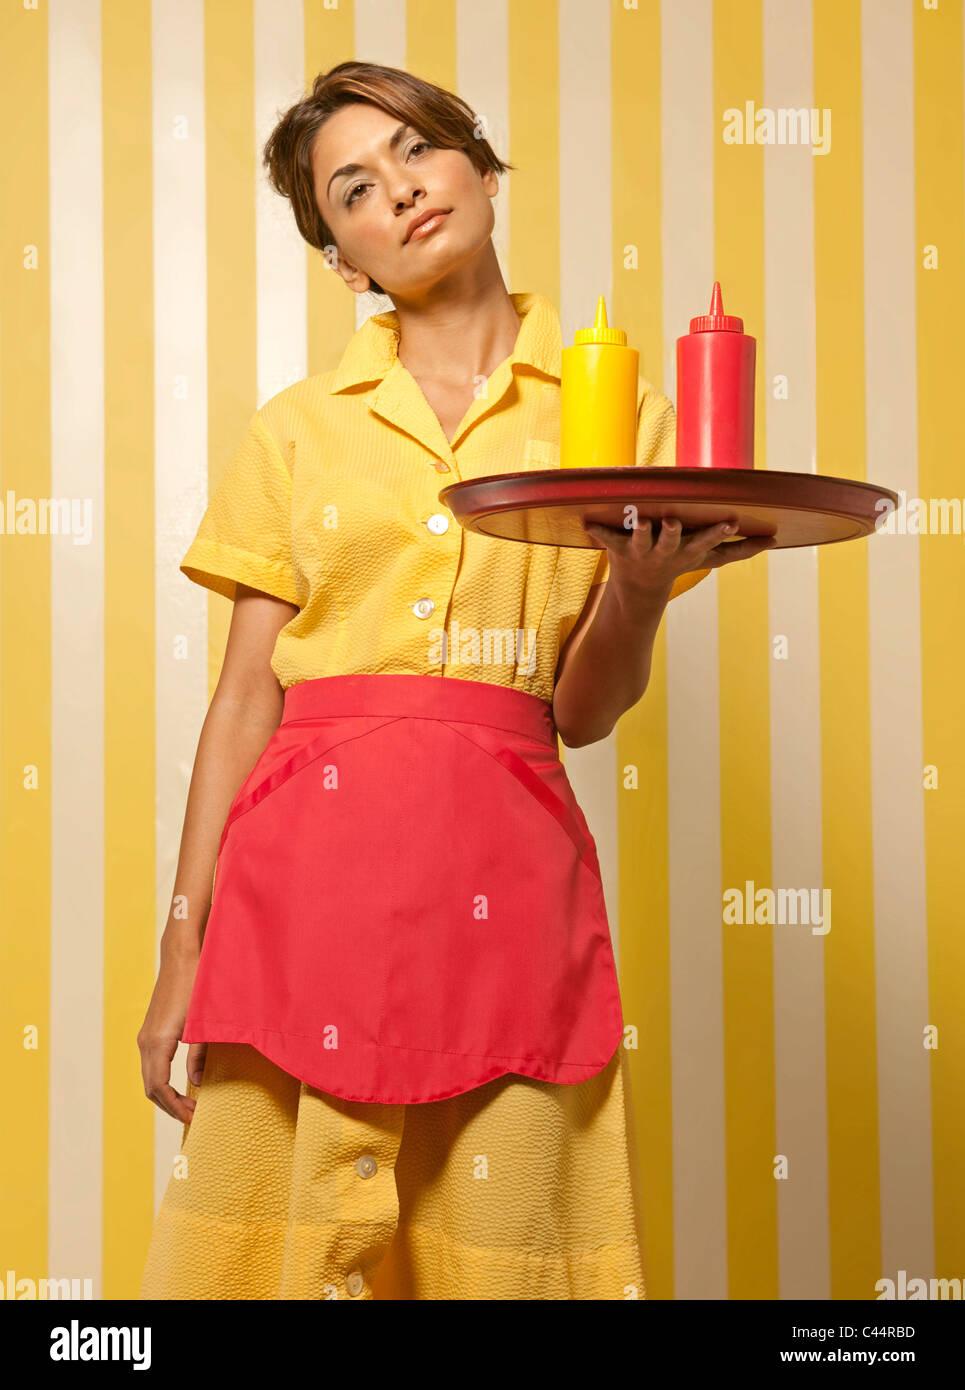 waitress serves ketchup and mustard on tray - Stock Image